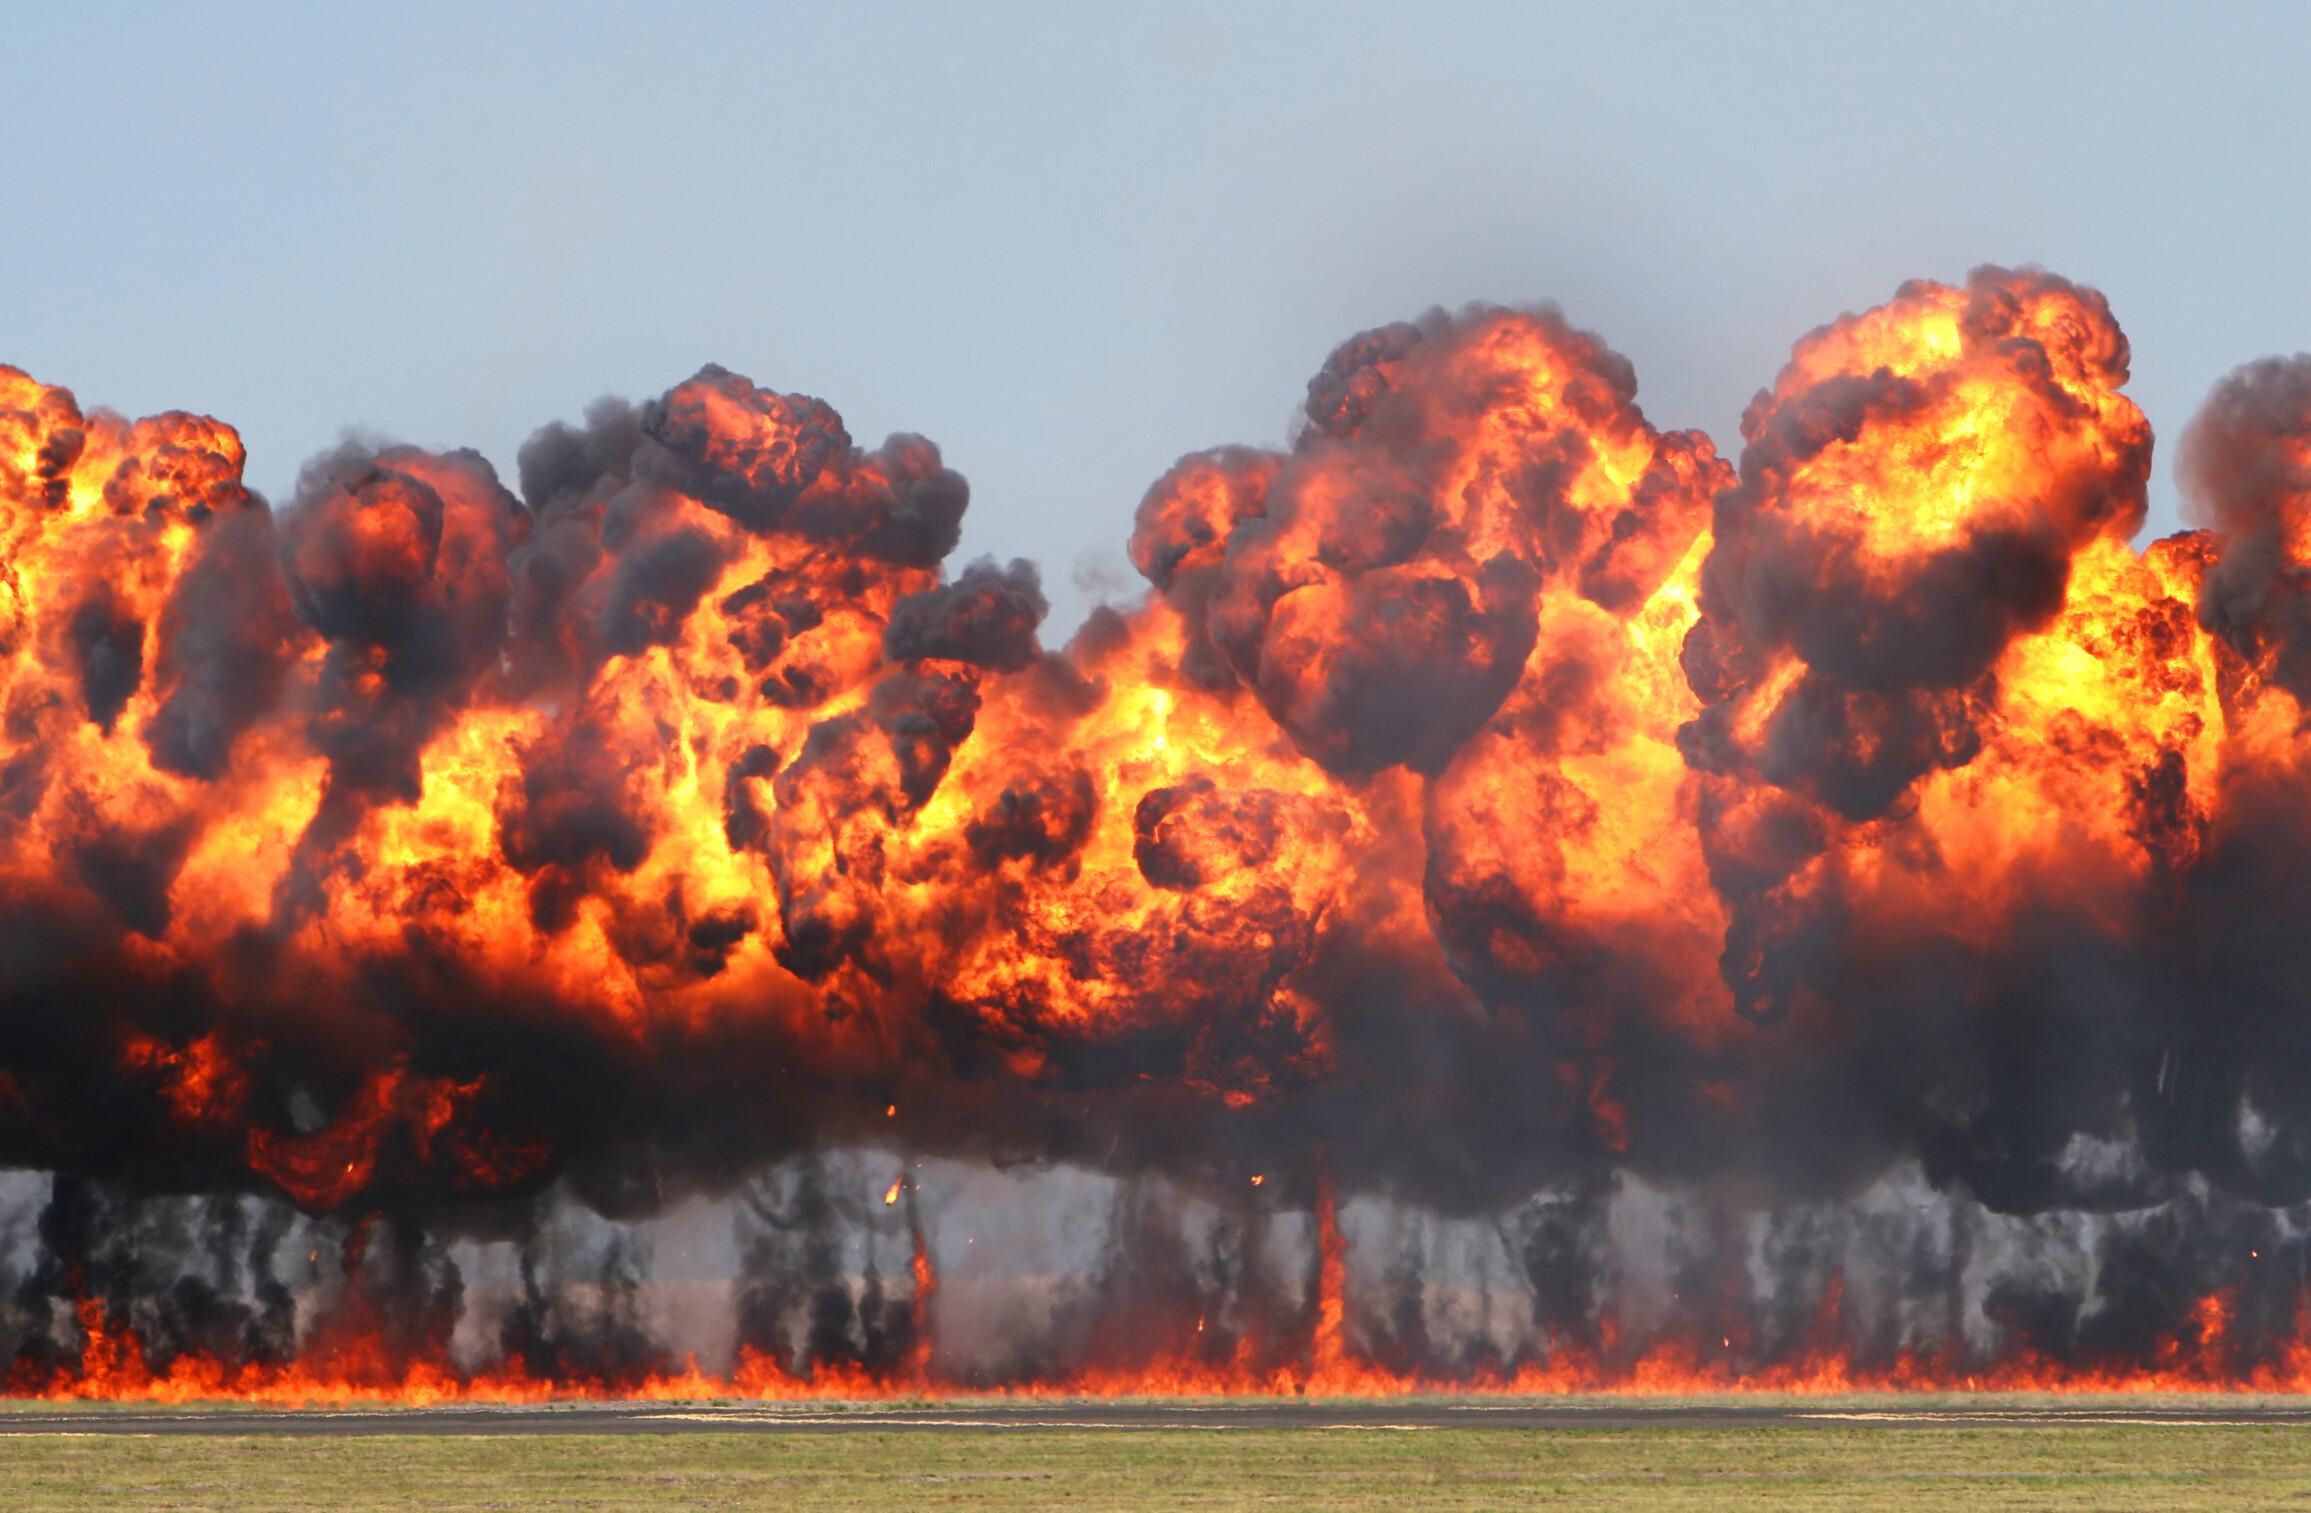 アメリカが中国軍5万人を爆弾で攻撃へ!中国スパイリストが大量流出する!?